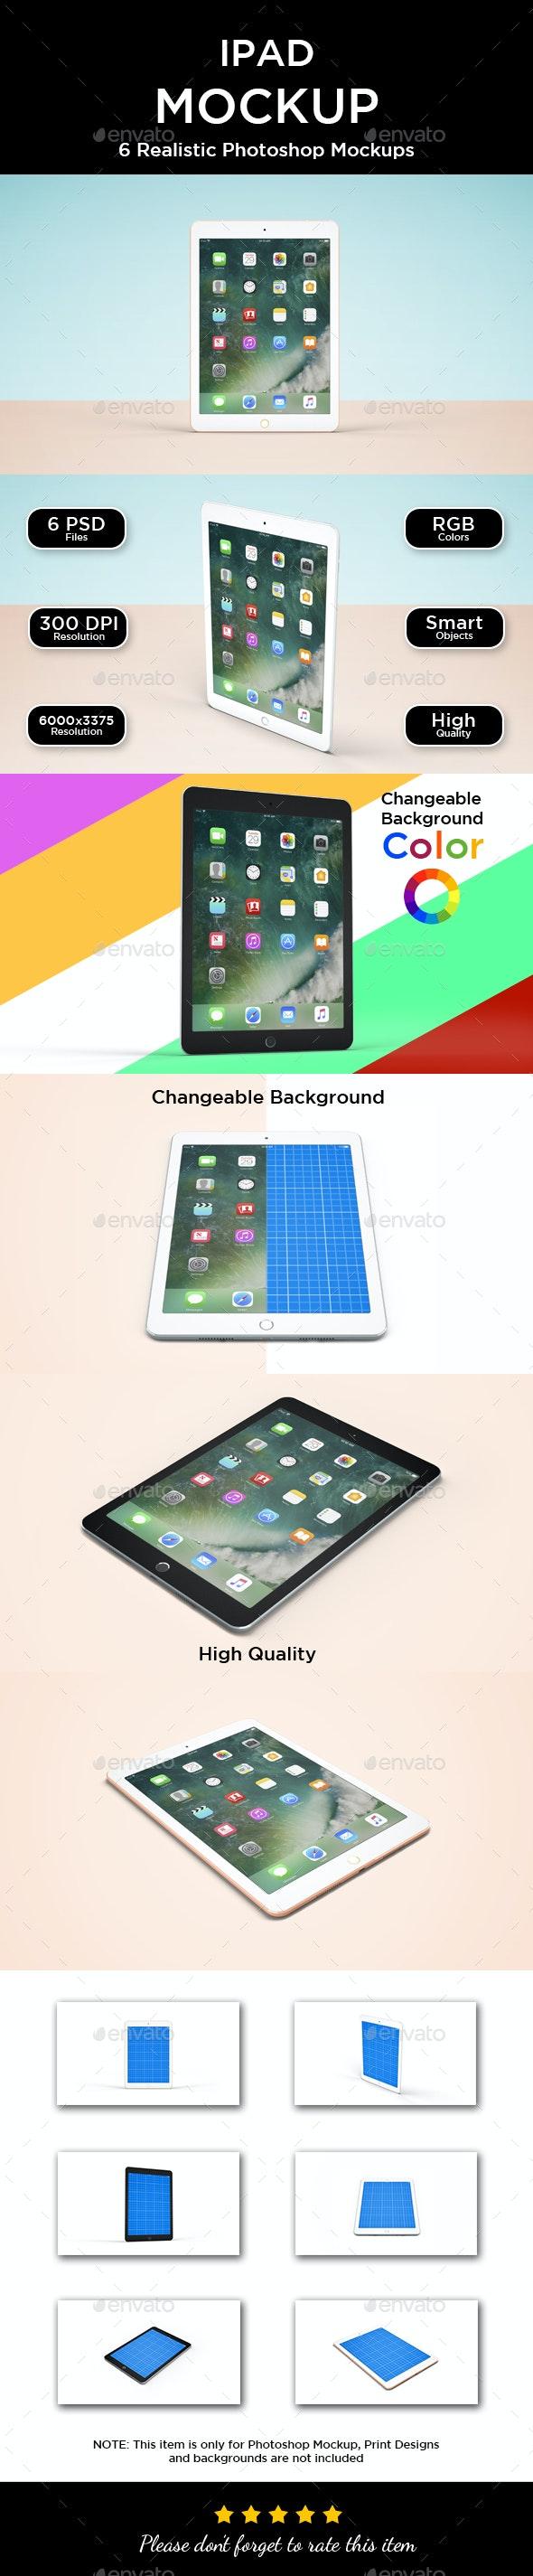 iPad Mockup - Displays Product Mock-Ups